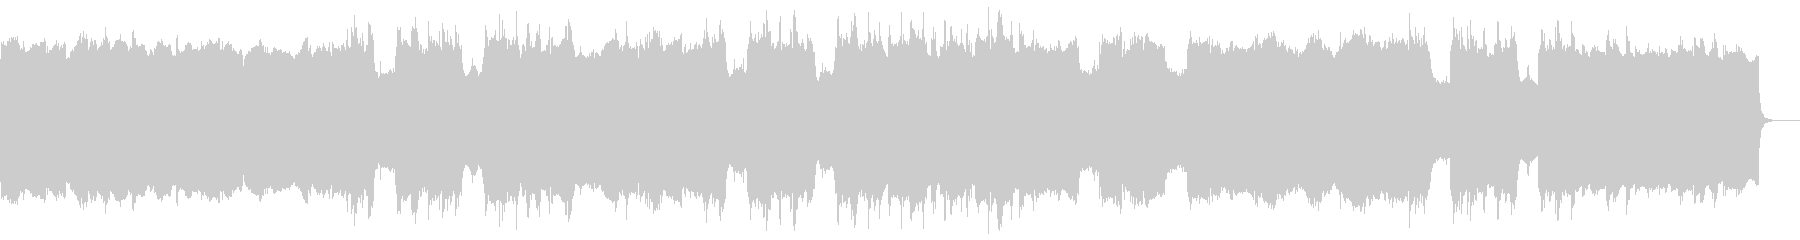 リバース音のアンビエントの未再生の波形